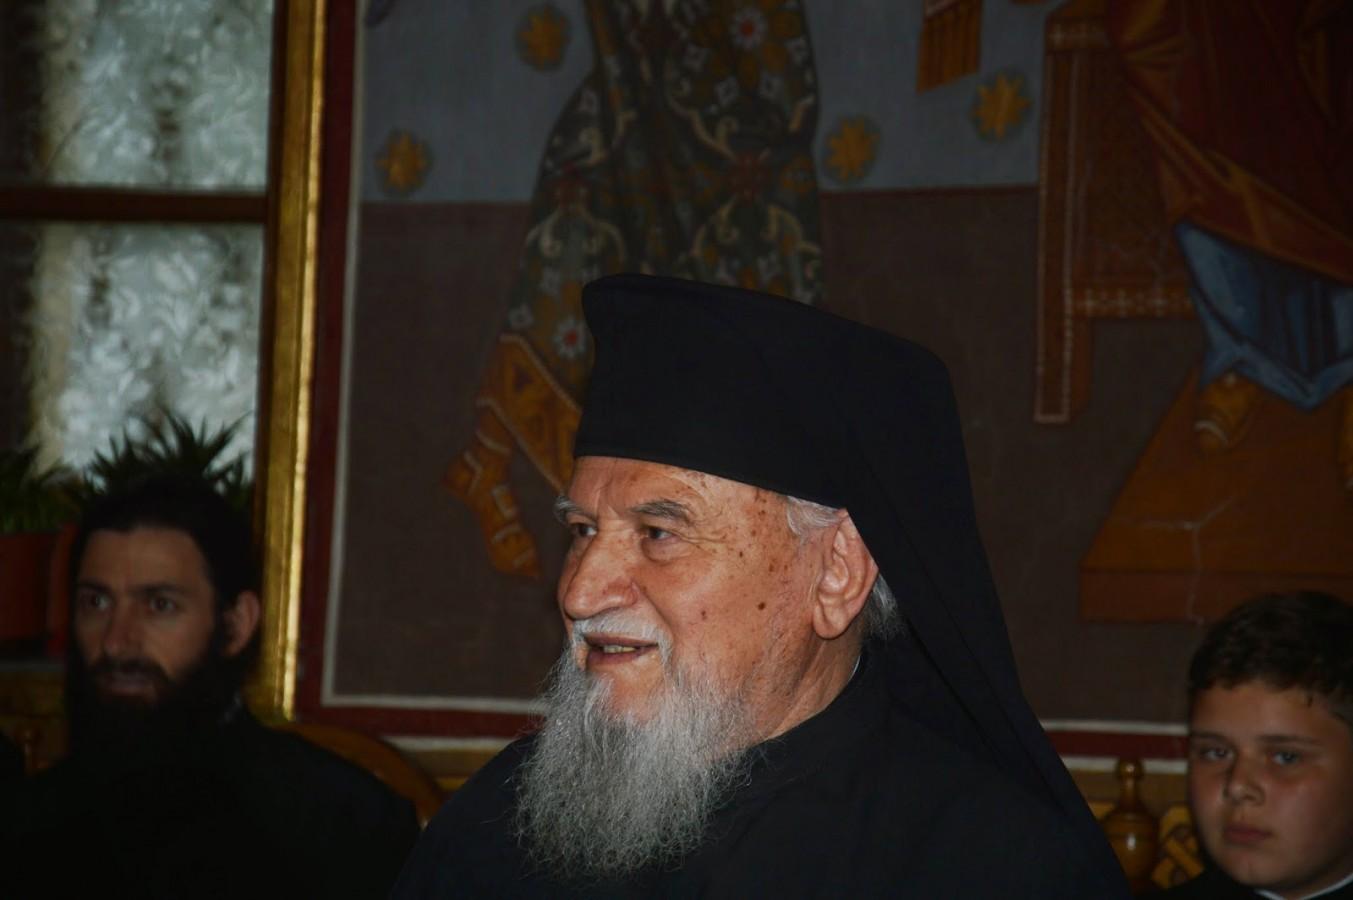 Părintele Arhim. Mihail Goia, fostul stareț al Mănăstirilor Nicula și Toplița a trecut la cele veșnice